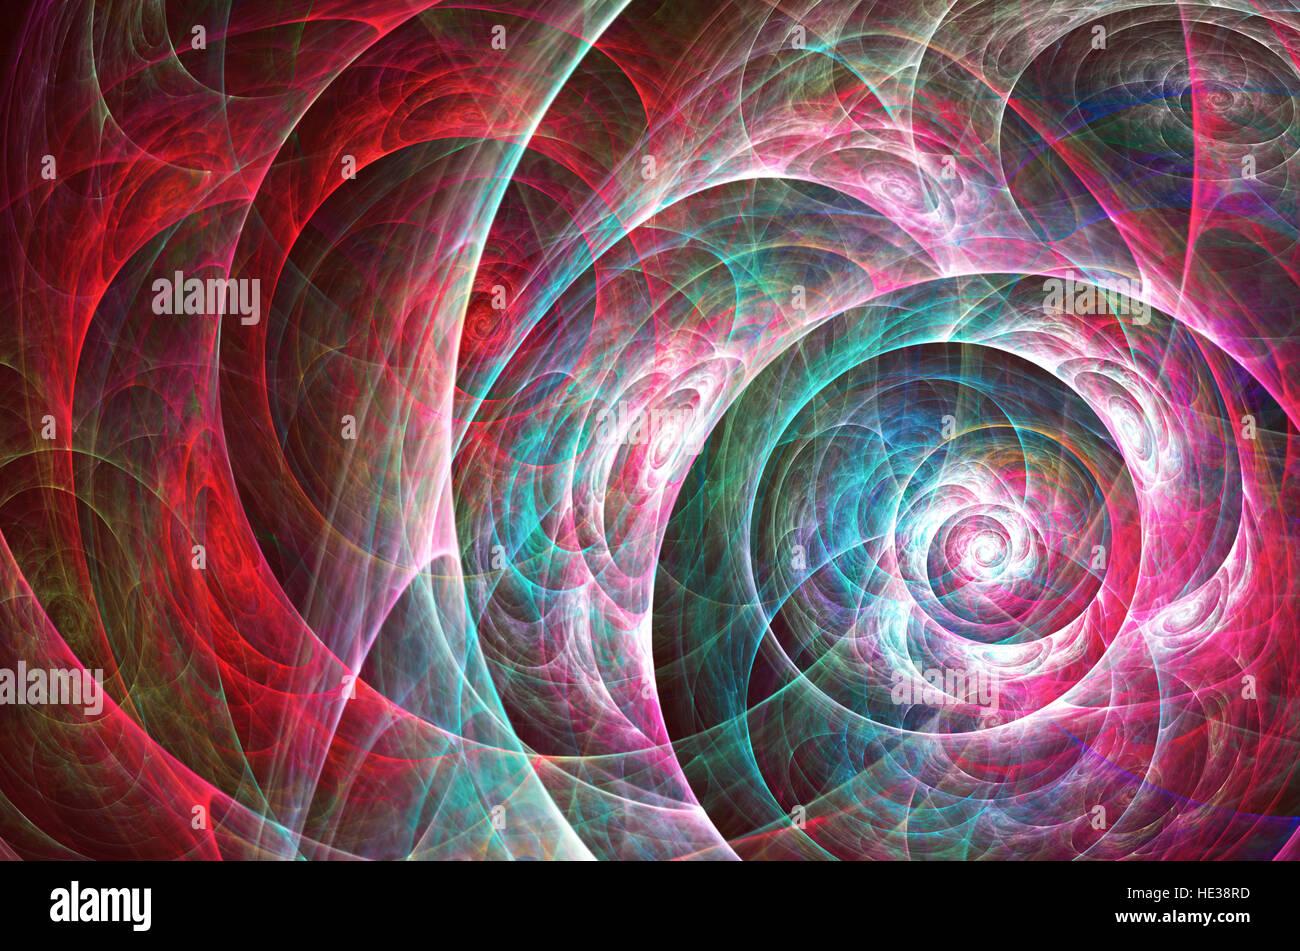 Abstrakte Fraktal Hintergrund, computergenerierten abstrakten Hintergrund Stockbild